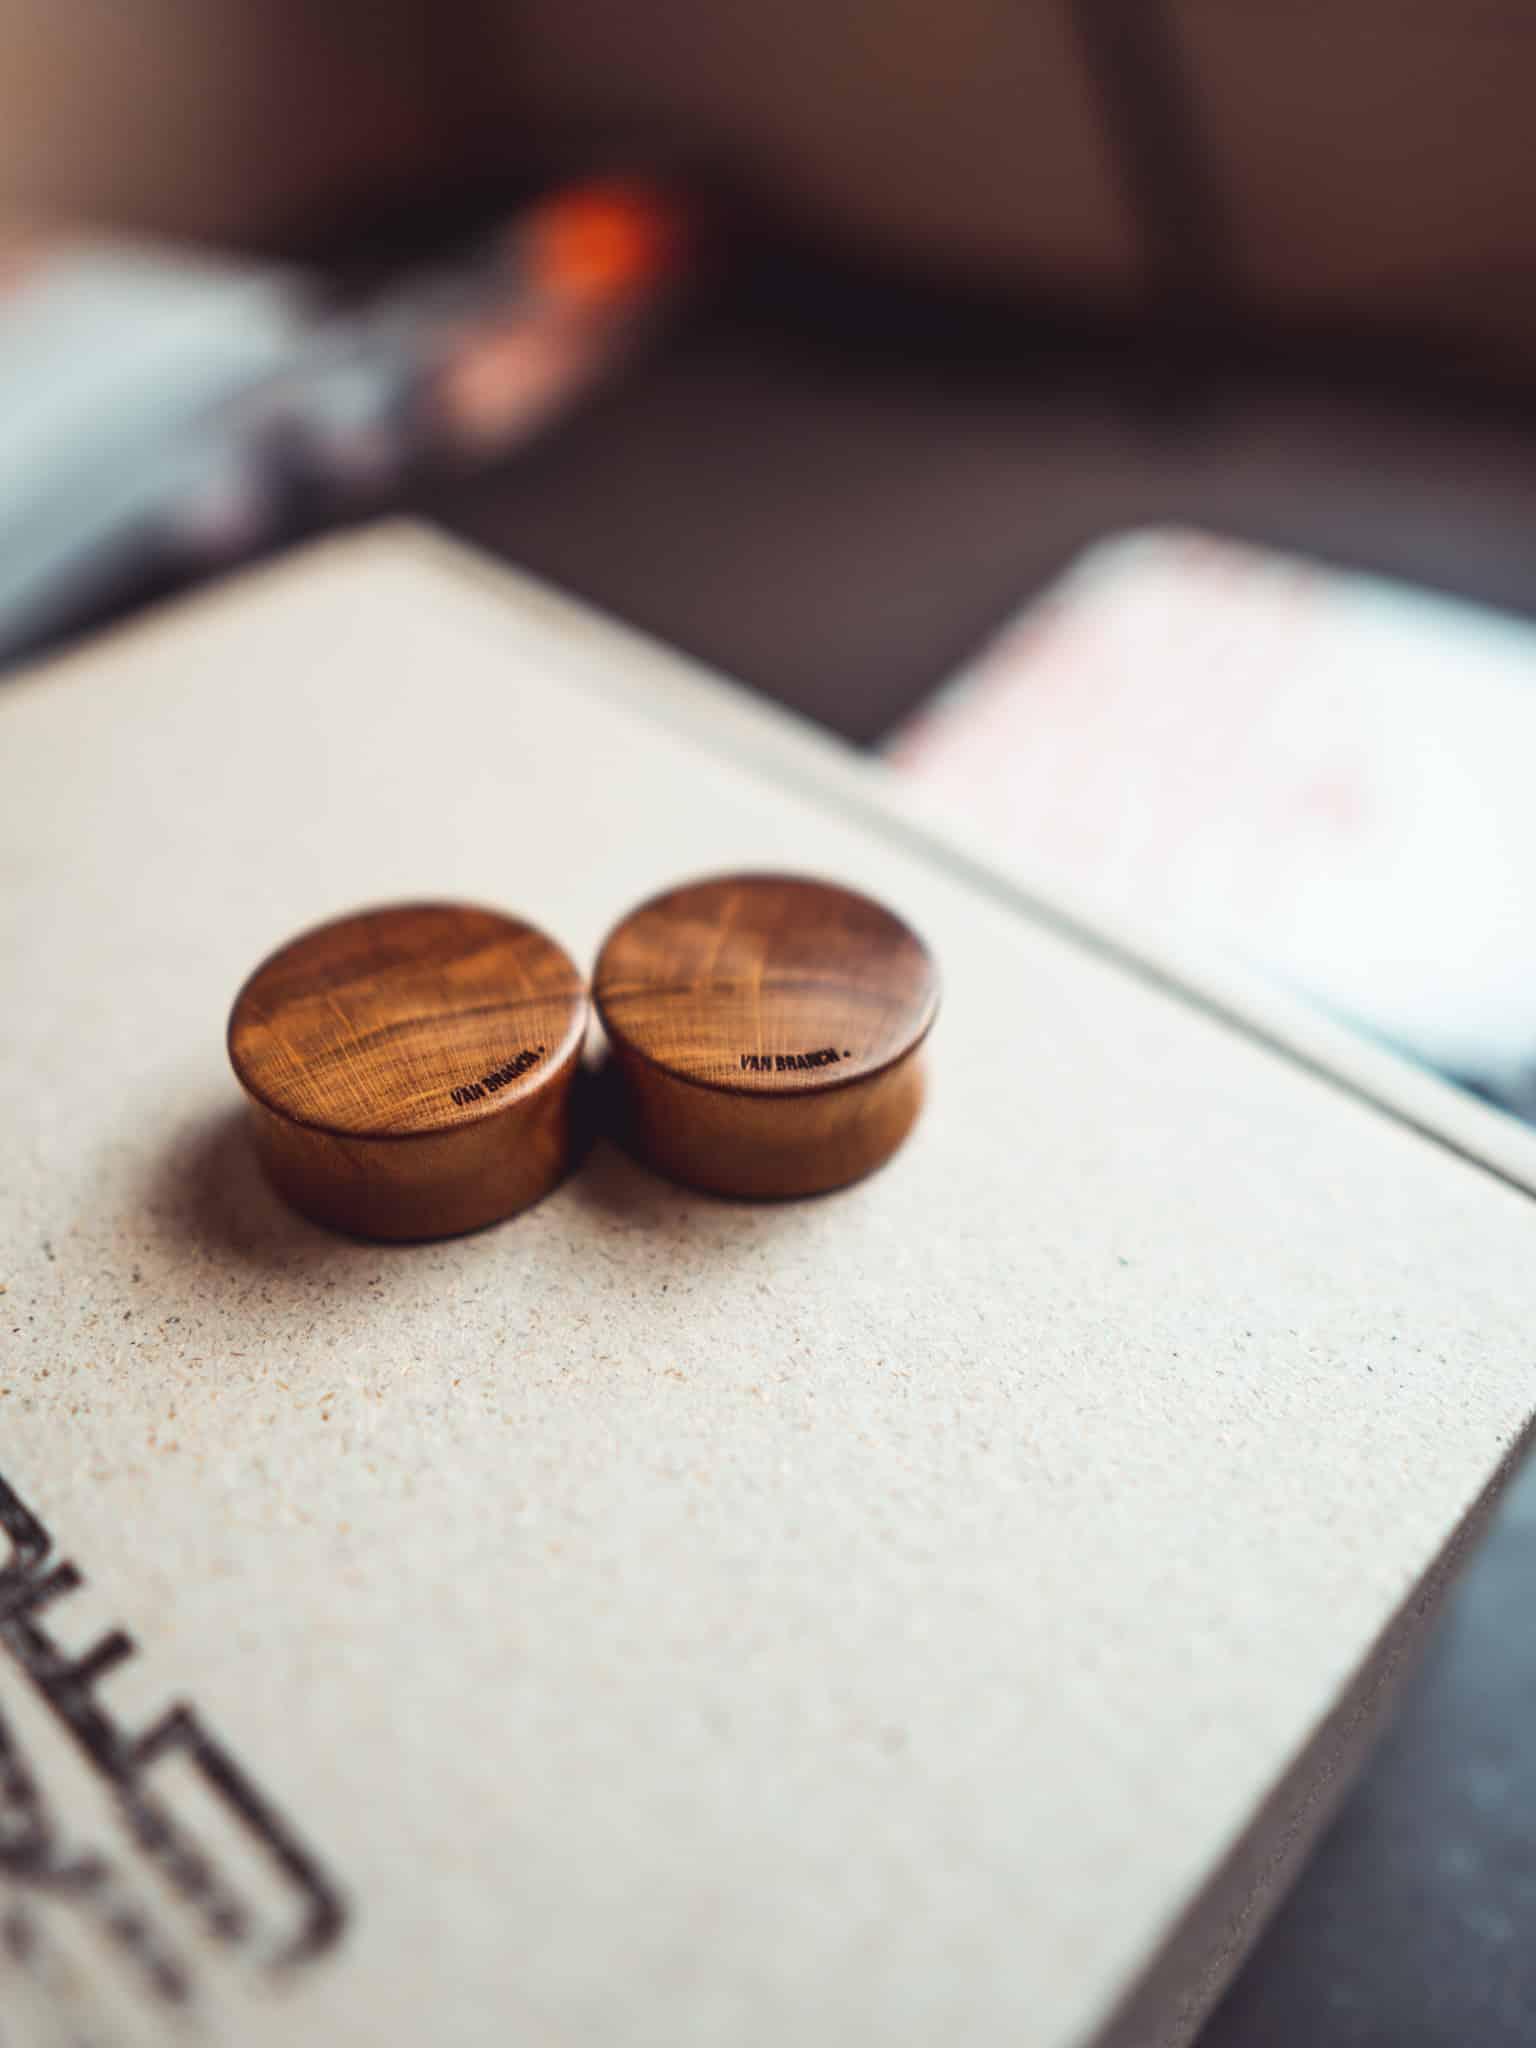 Handgefertigte 24mm Plugs für Ohren aus Pflaumenholz mit van branch Schriftzug